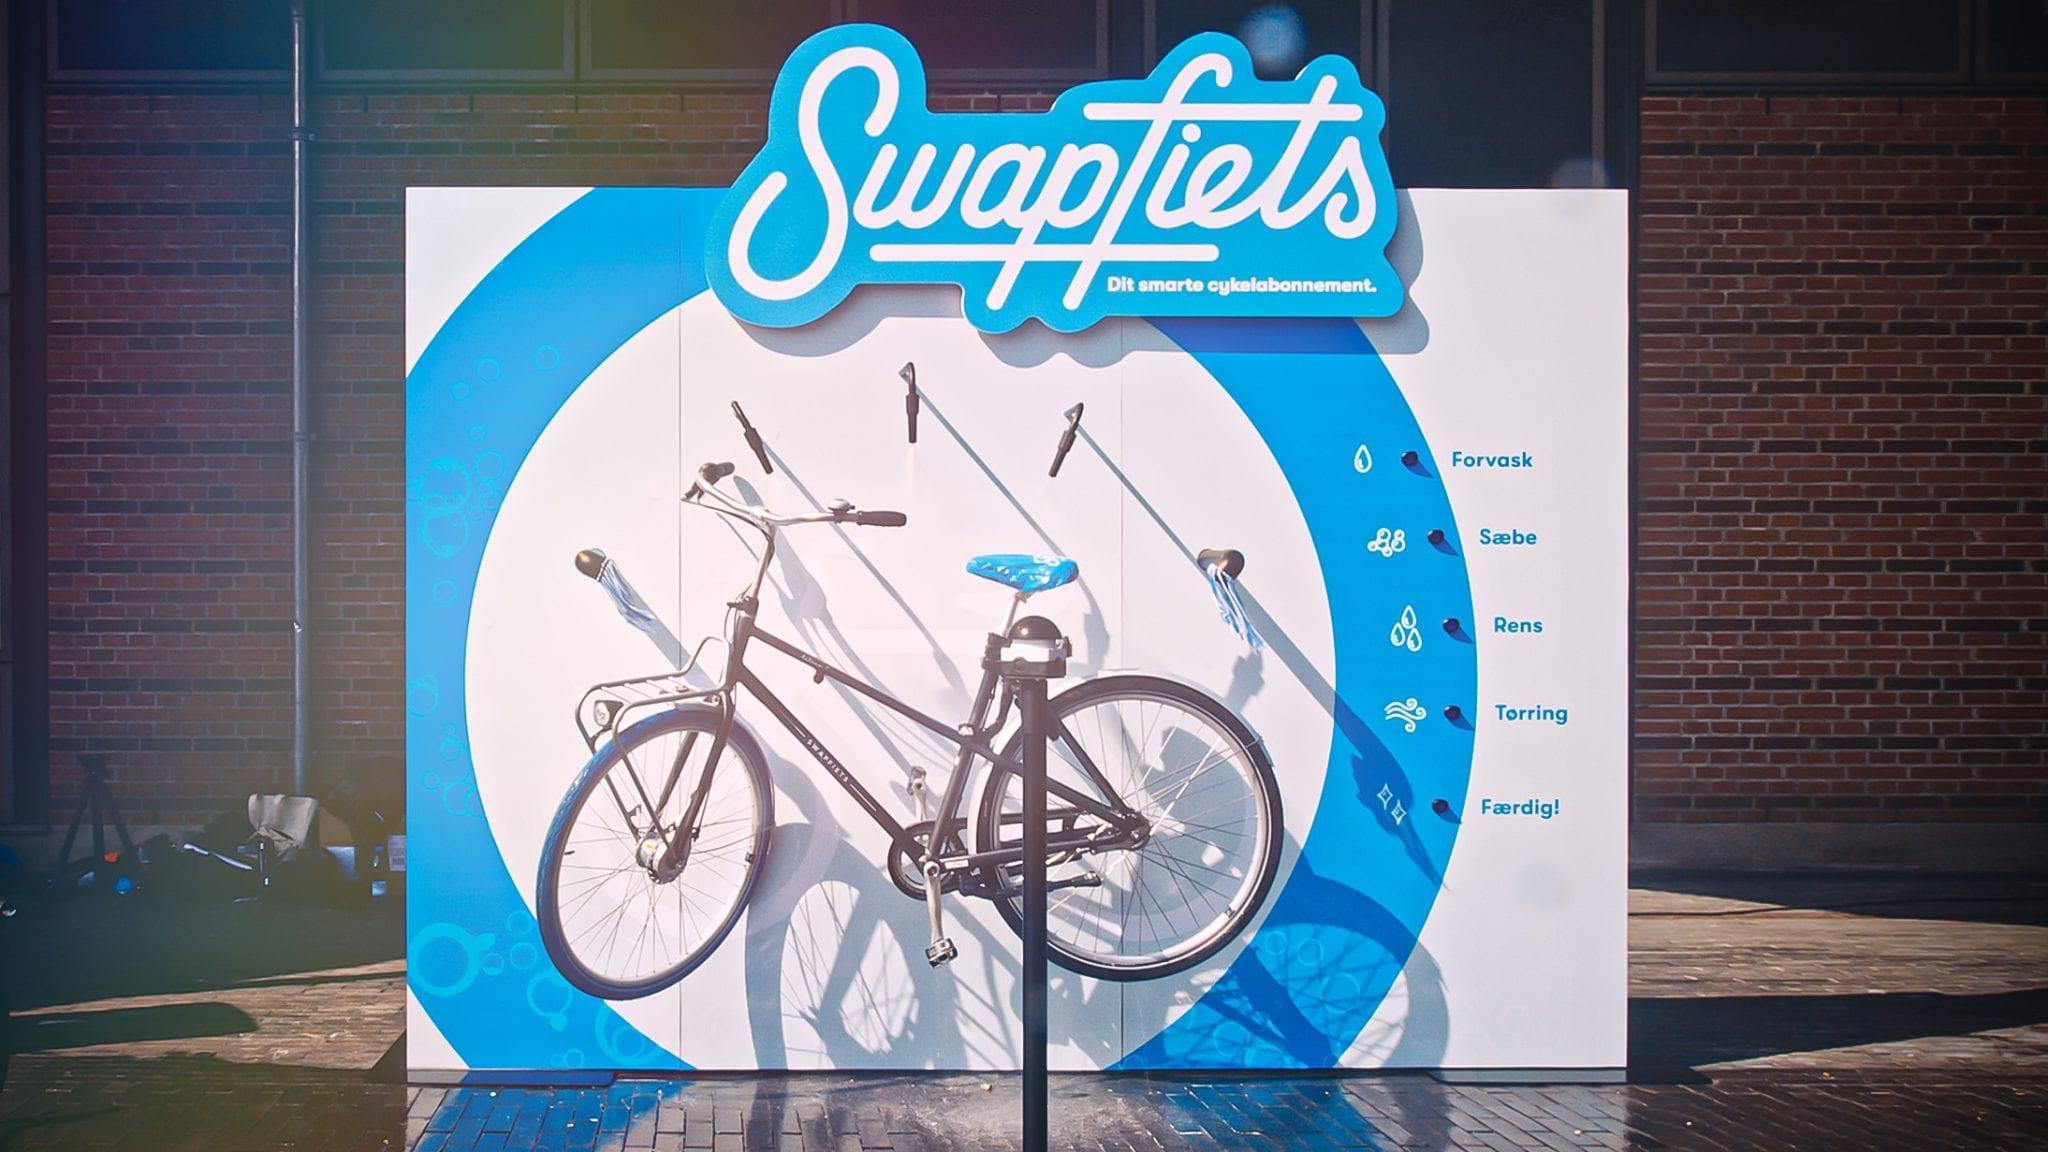 Swapfiets_BikeWashingBillboard_still_09-wide